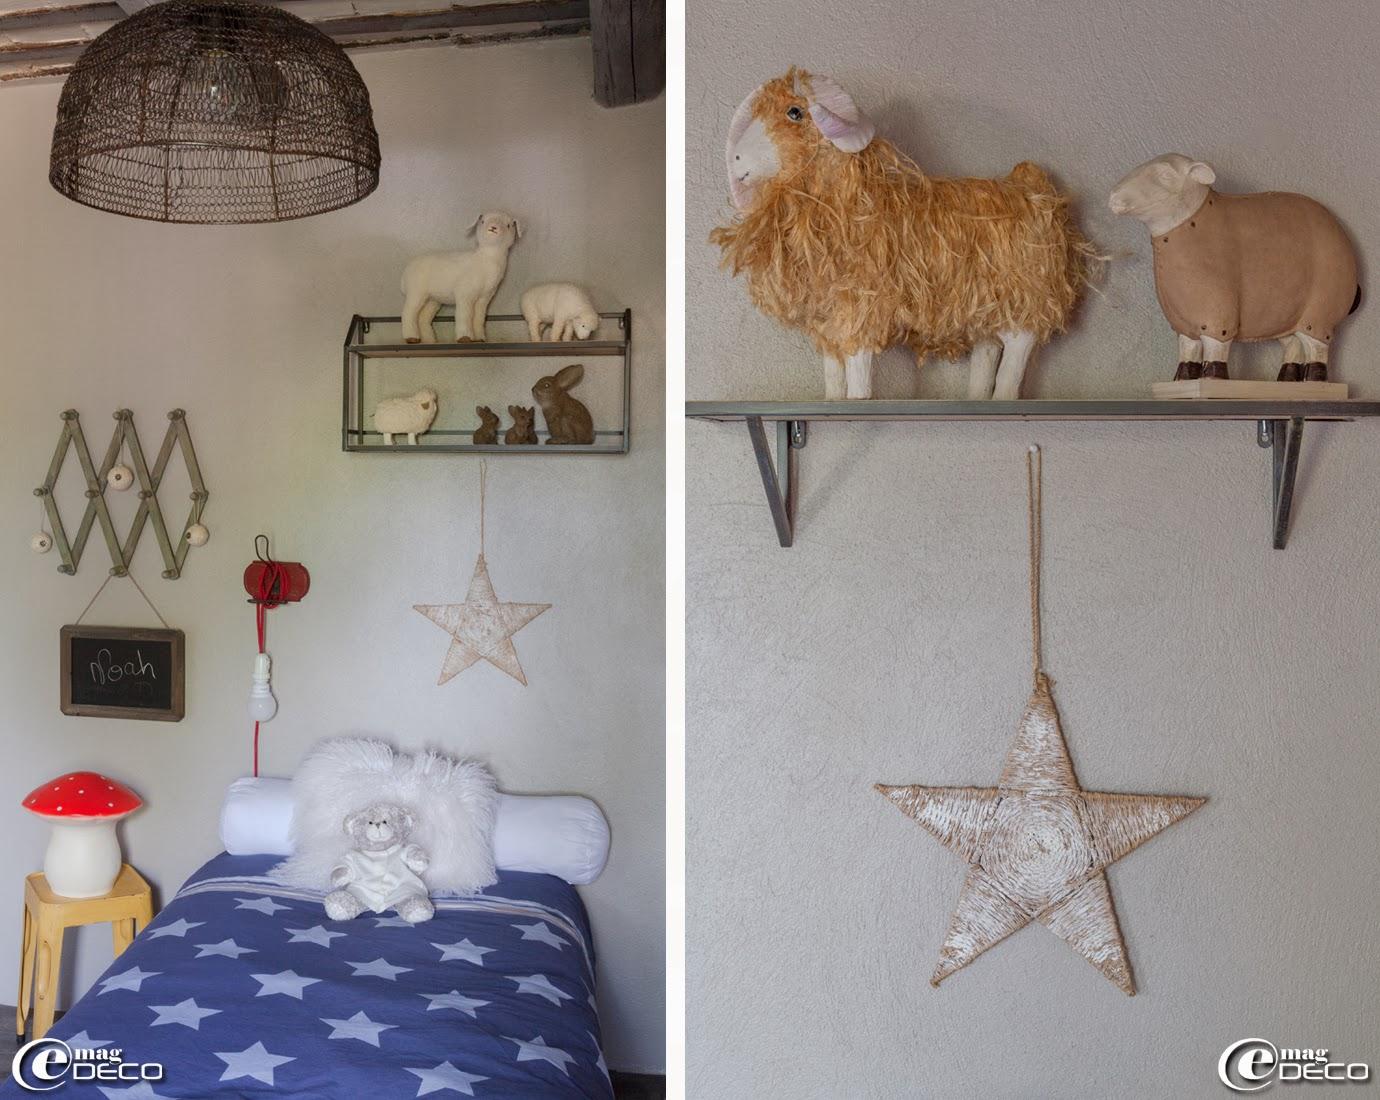 Lampes veilleuses champignon et lapin 'Egmont Toys', coussins blanc en fourrure 'La Redoute', portemanteaux 'Pomax'